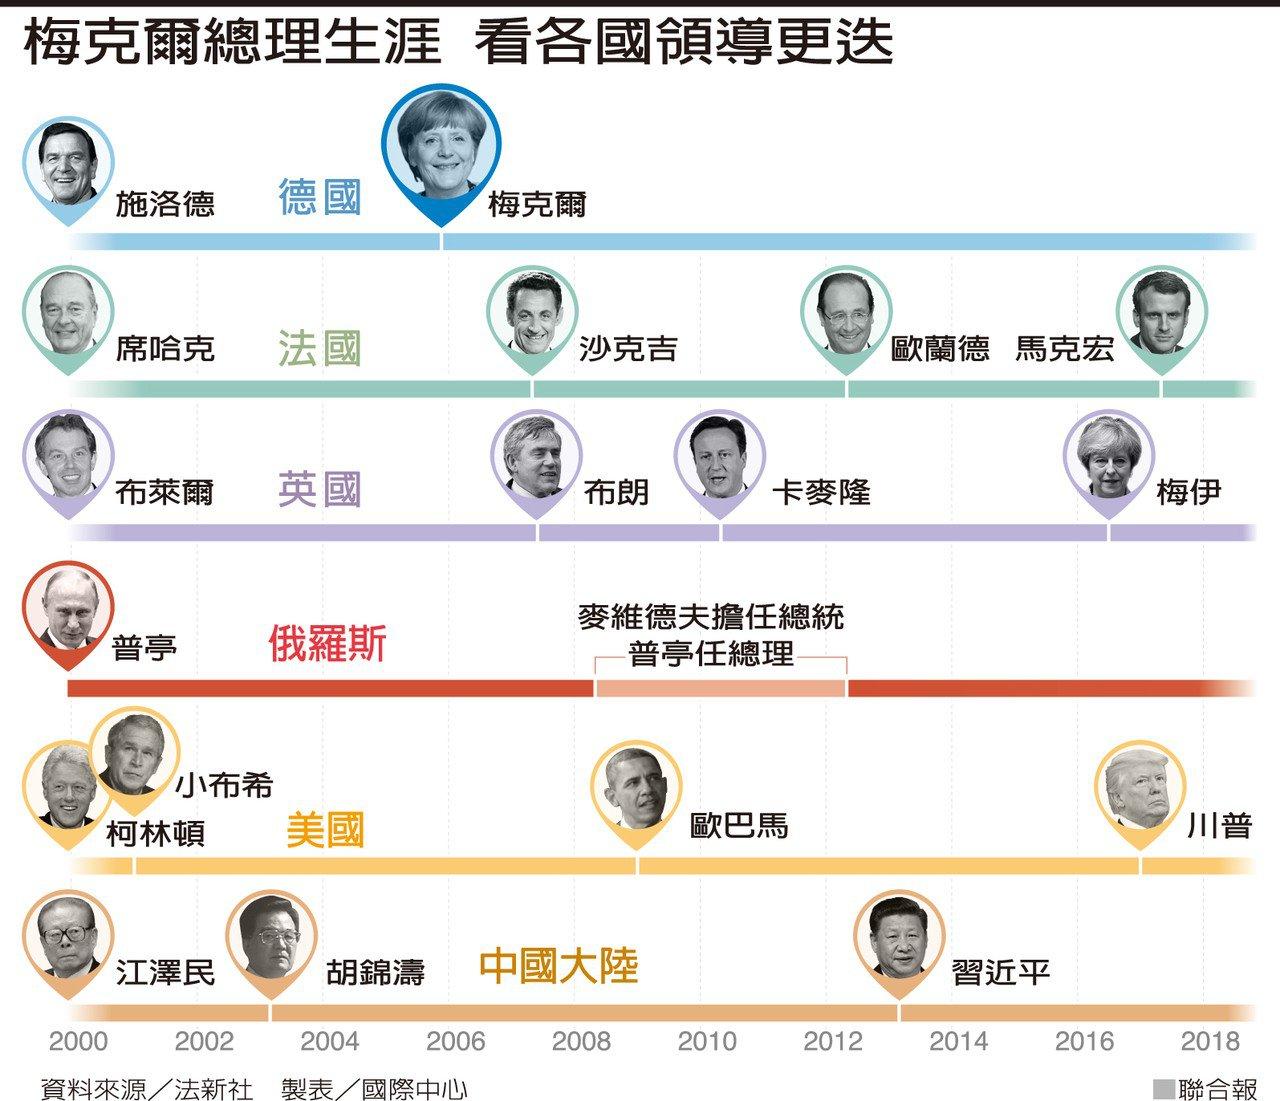 梅克爾總理生涯 看各國領導更迭 圖/聯合報提供